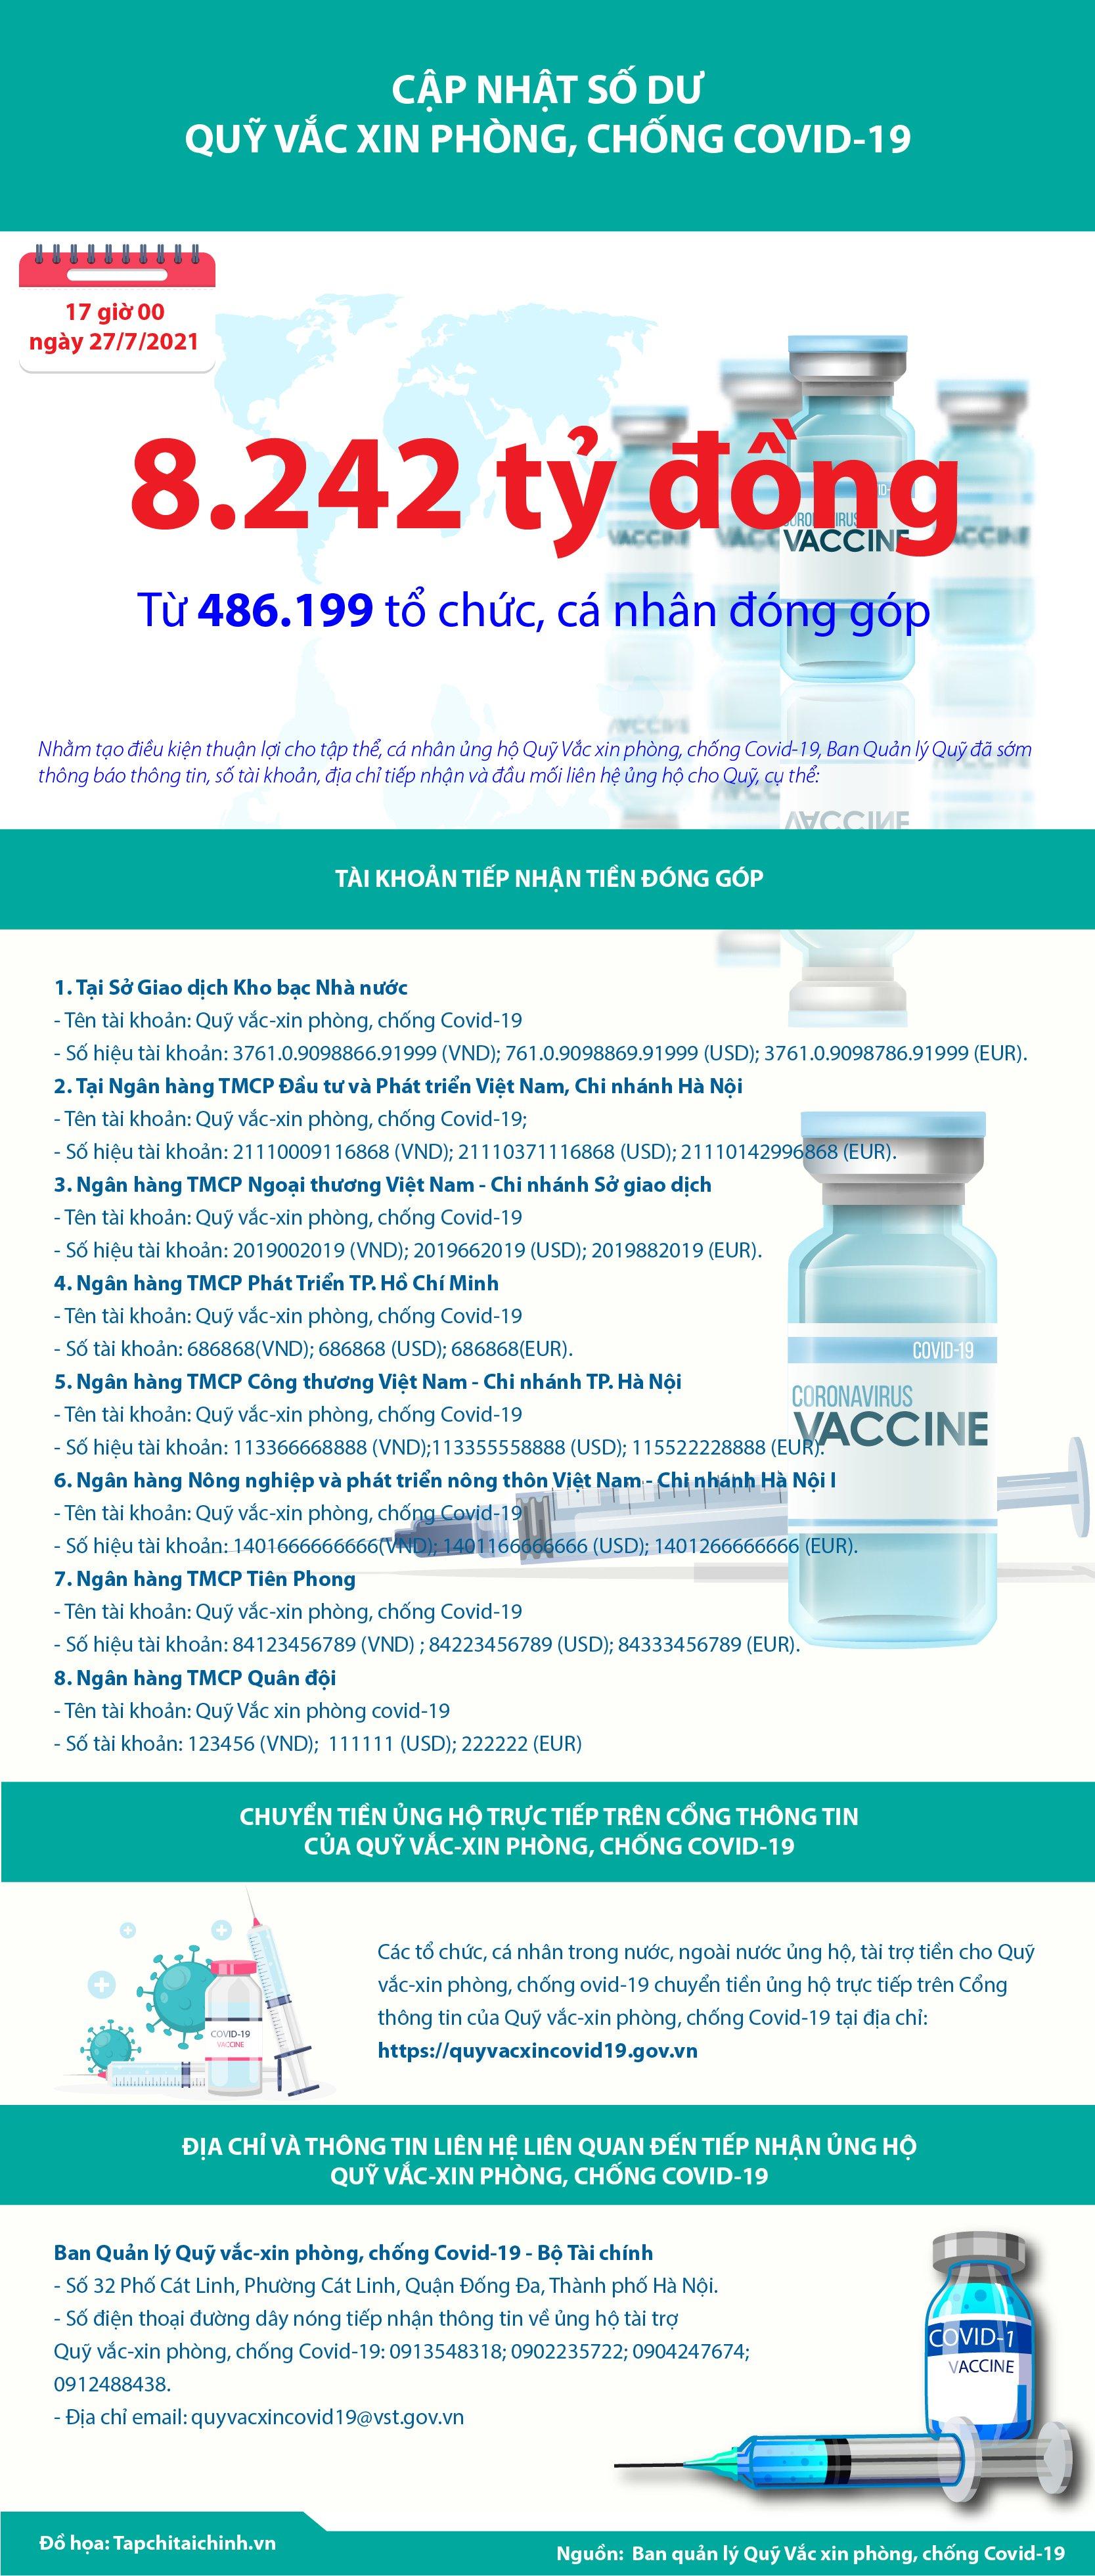 [Infographics] Quỹ Vắc xin phòng, chống Covid-19 đã tiếp nhận ủng hộ 8.242 tỷ đồng - Ảnh 1